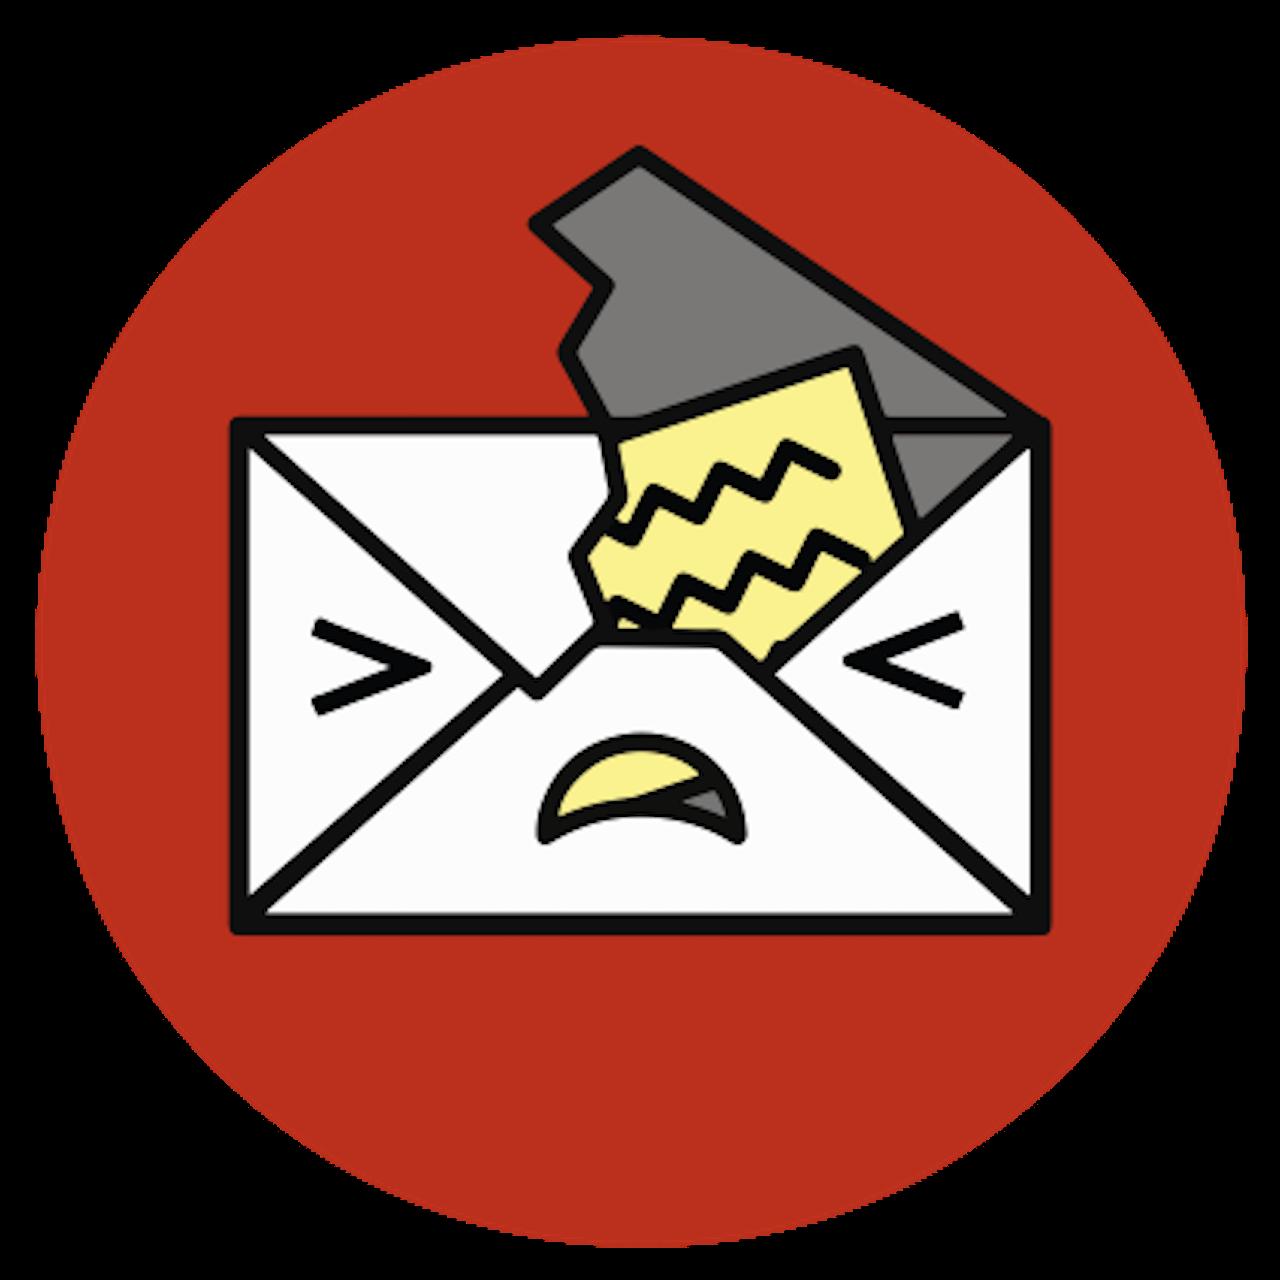 Het logo van EFAIL